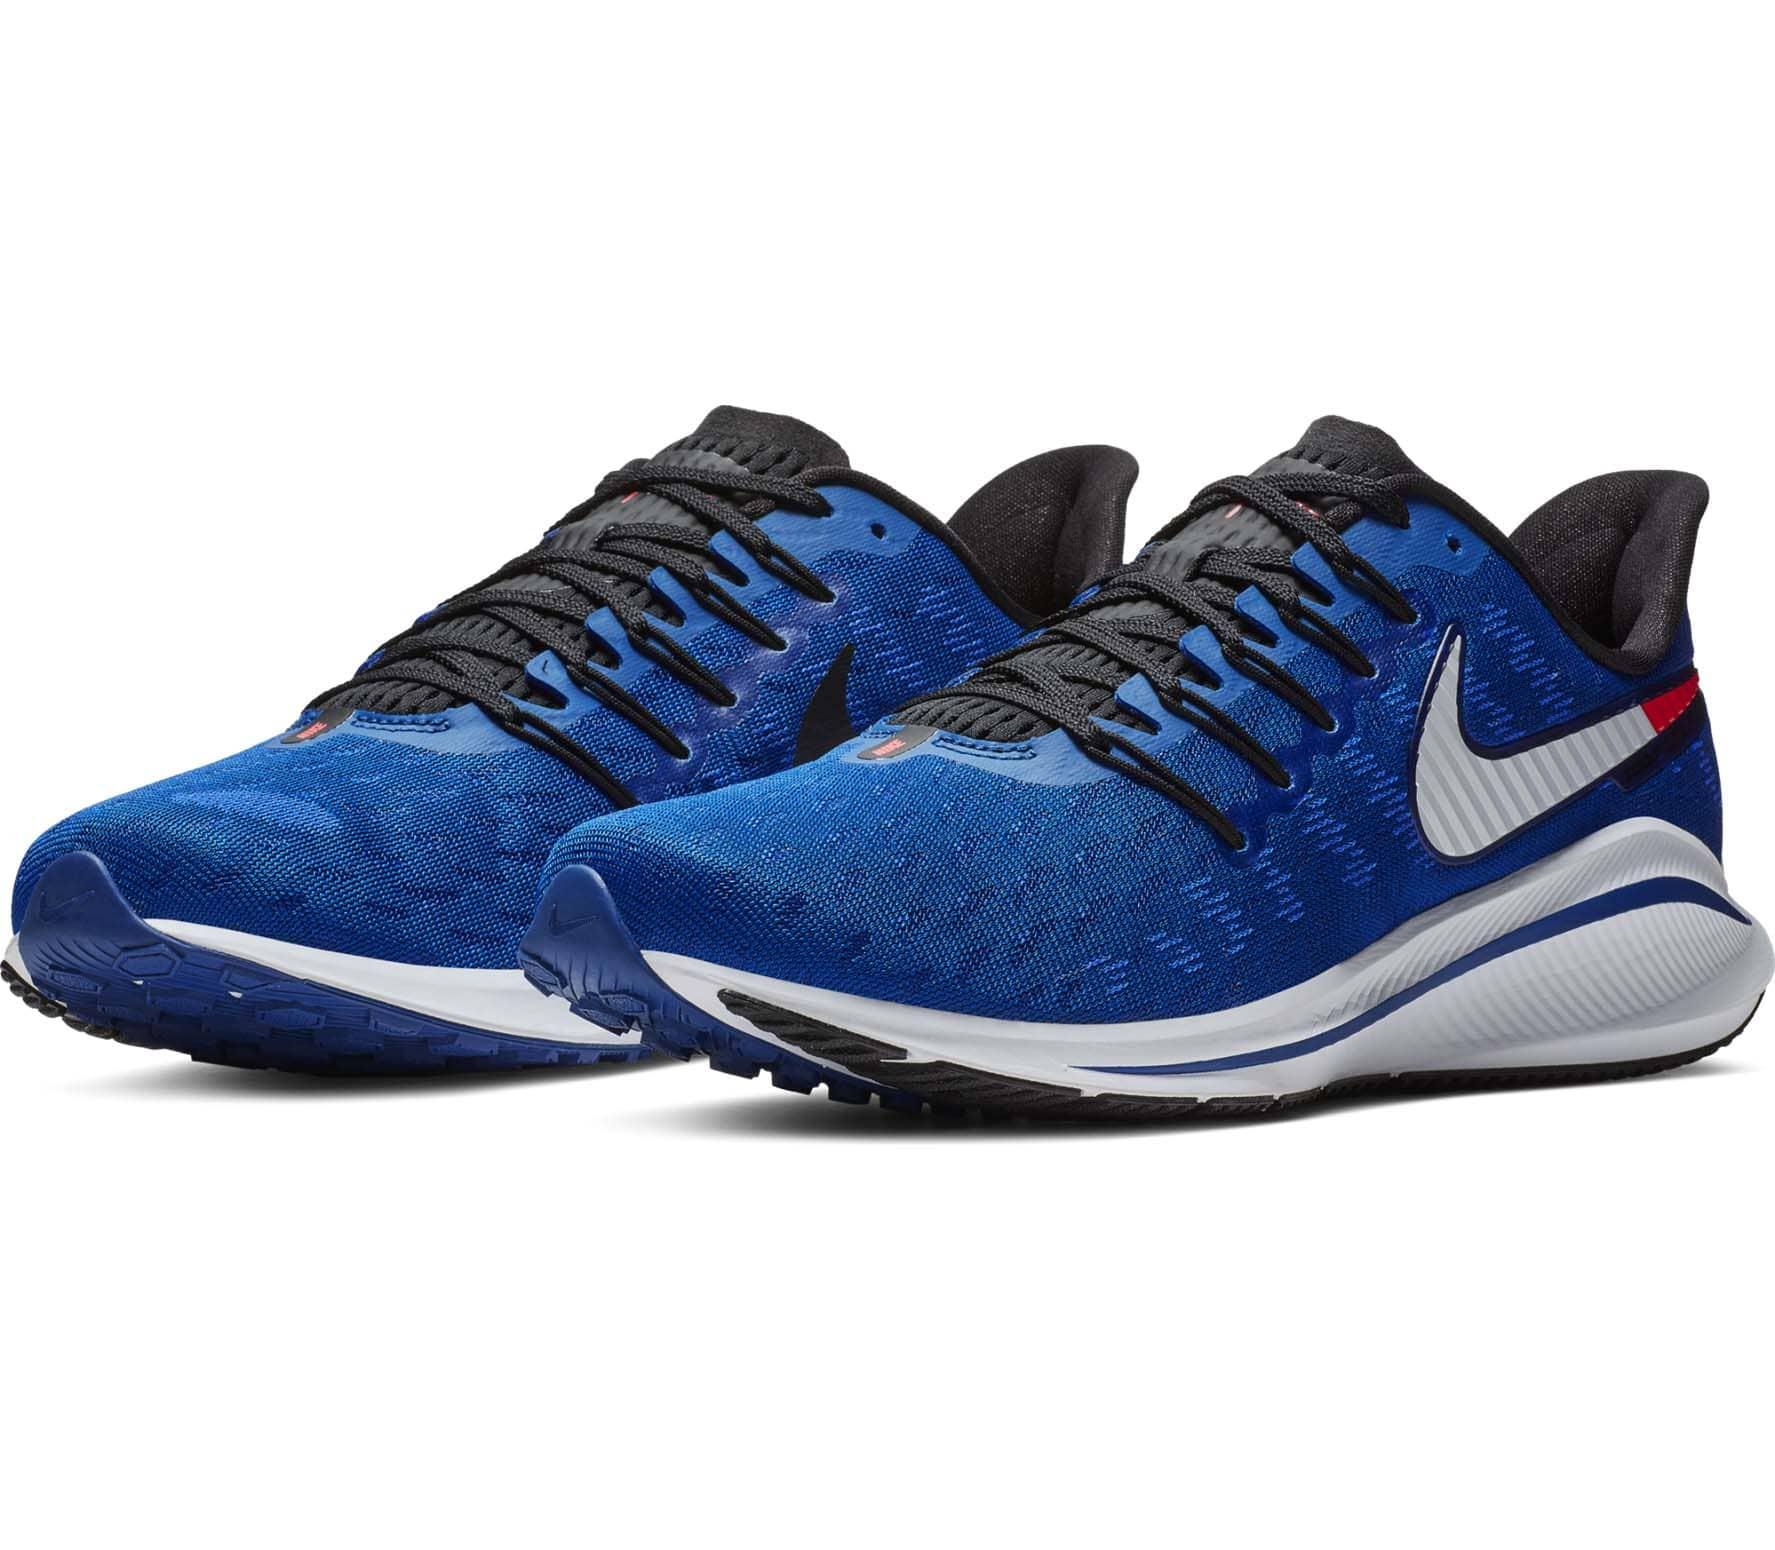 Nike - Air Zoom Vomero 14 Herren Laufschuh (blau)